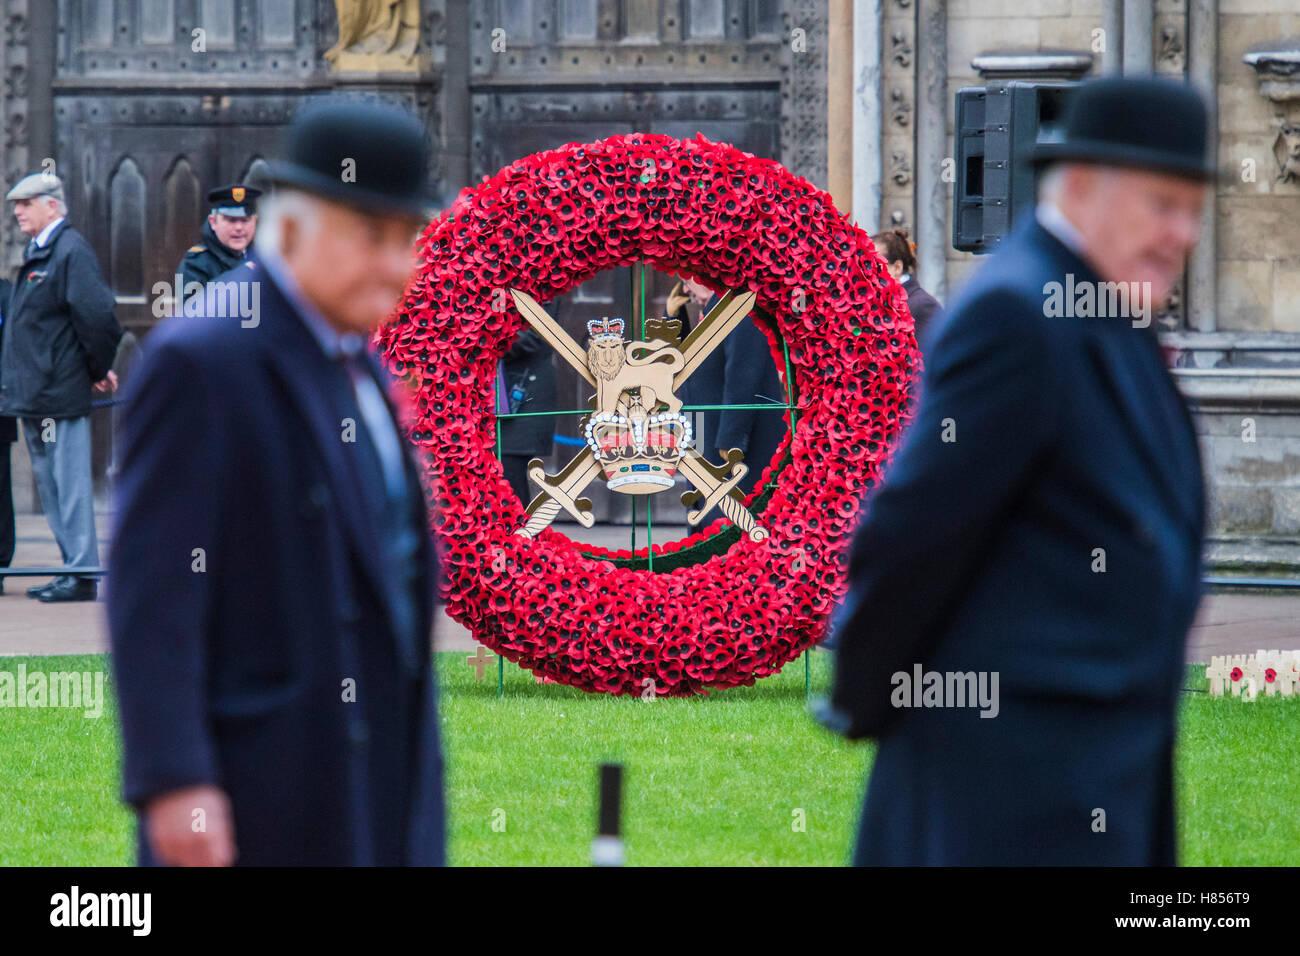 London, UK. 10. November 2016. Ein riesigen Kranz aus der Armee - The Duke of Edinburgh, Mitglied auf Lebenszeit, Stockbild